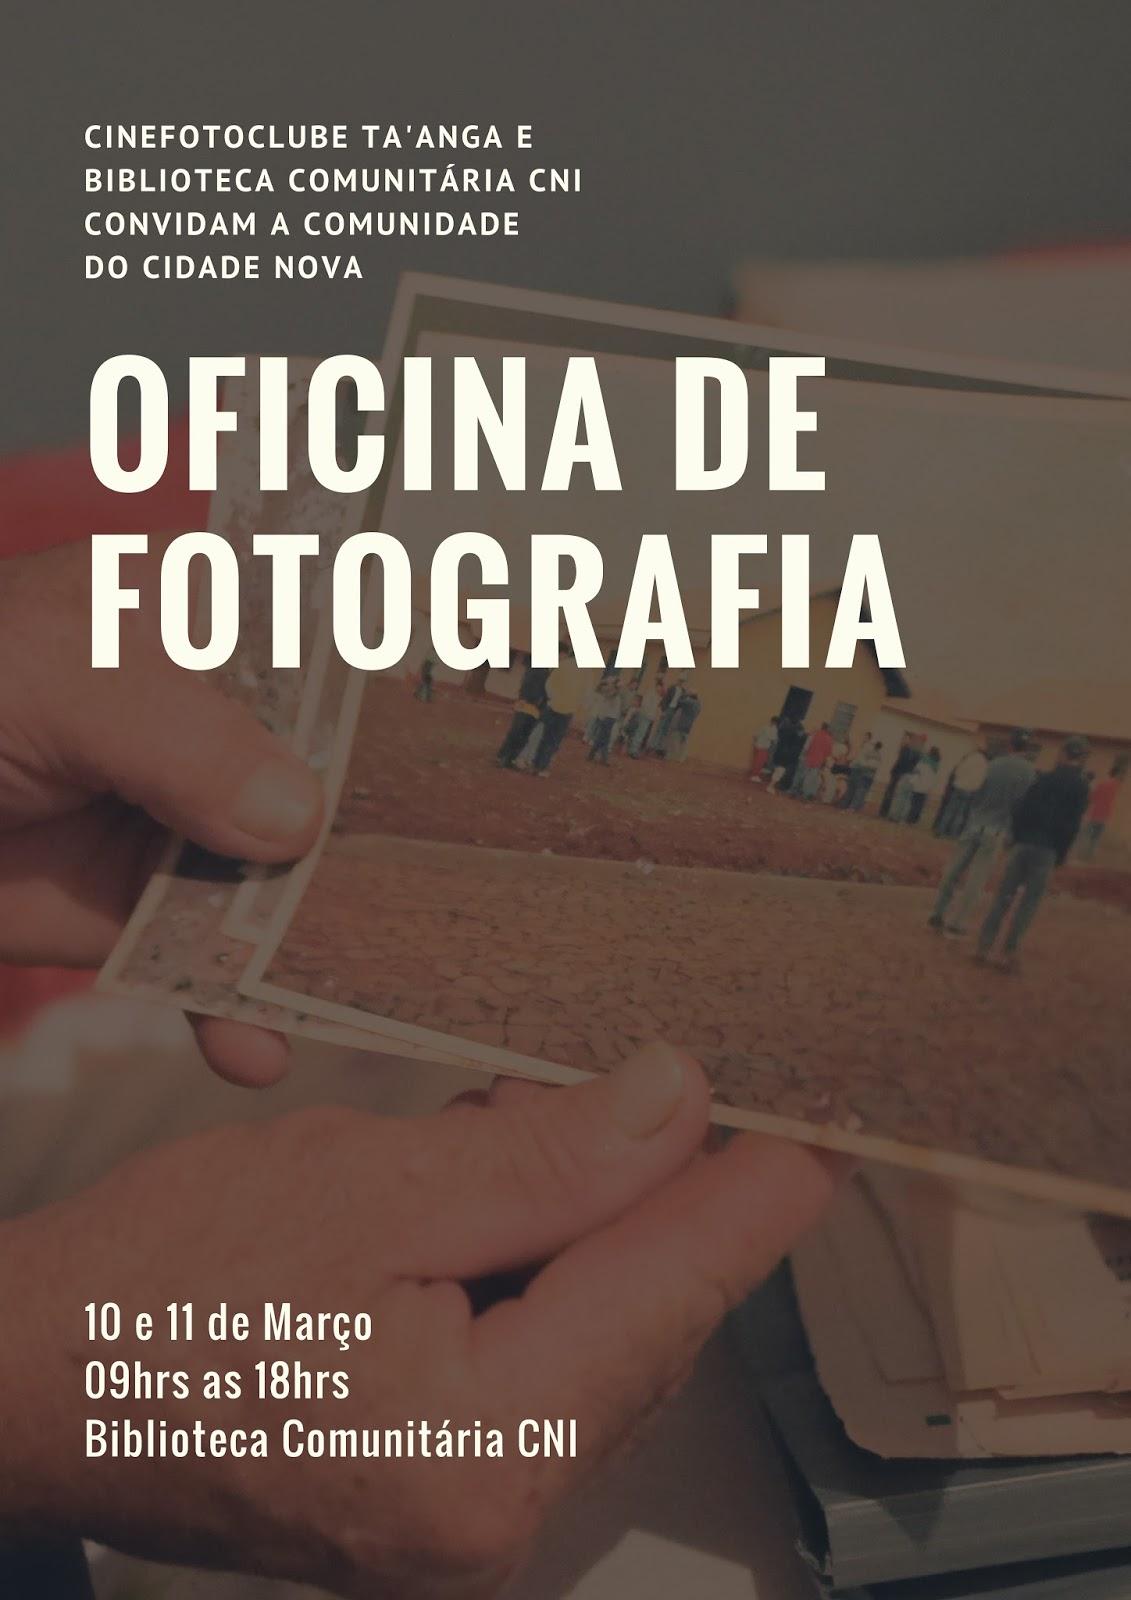 Oficina de fotografia Cinefotoclube TA'ANGA na Biblioteca Comunitária CNI  10 e 11 de março   09hrs as 18hrs